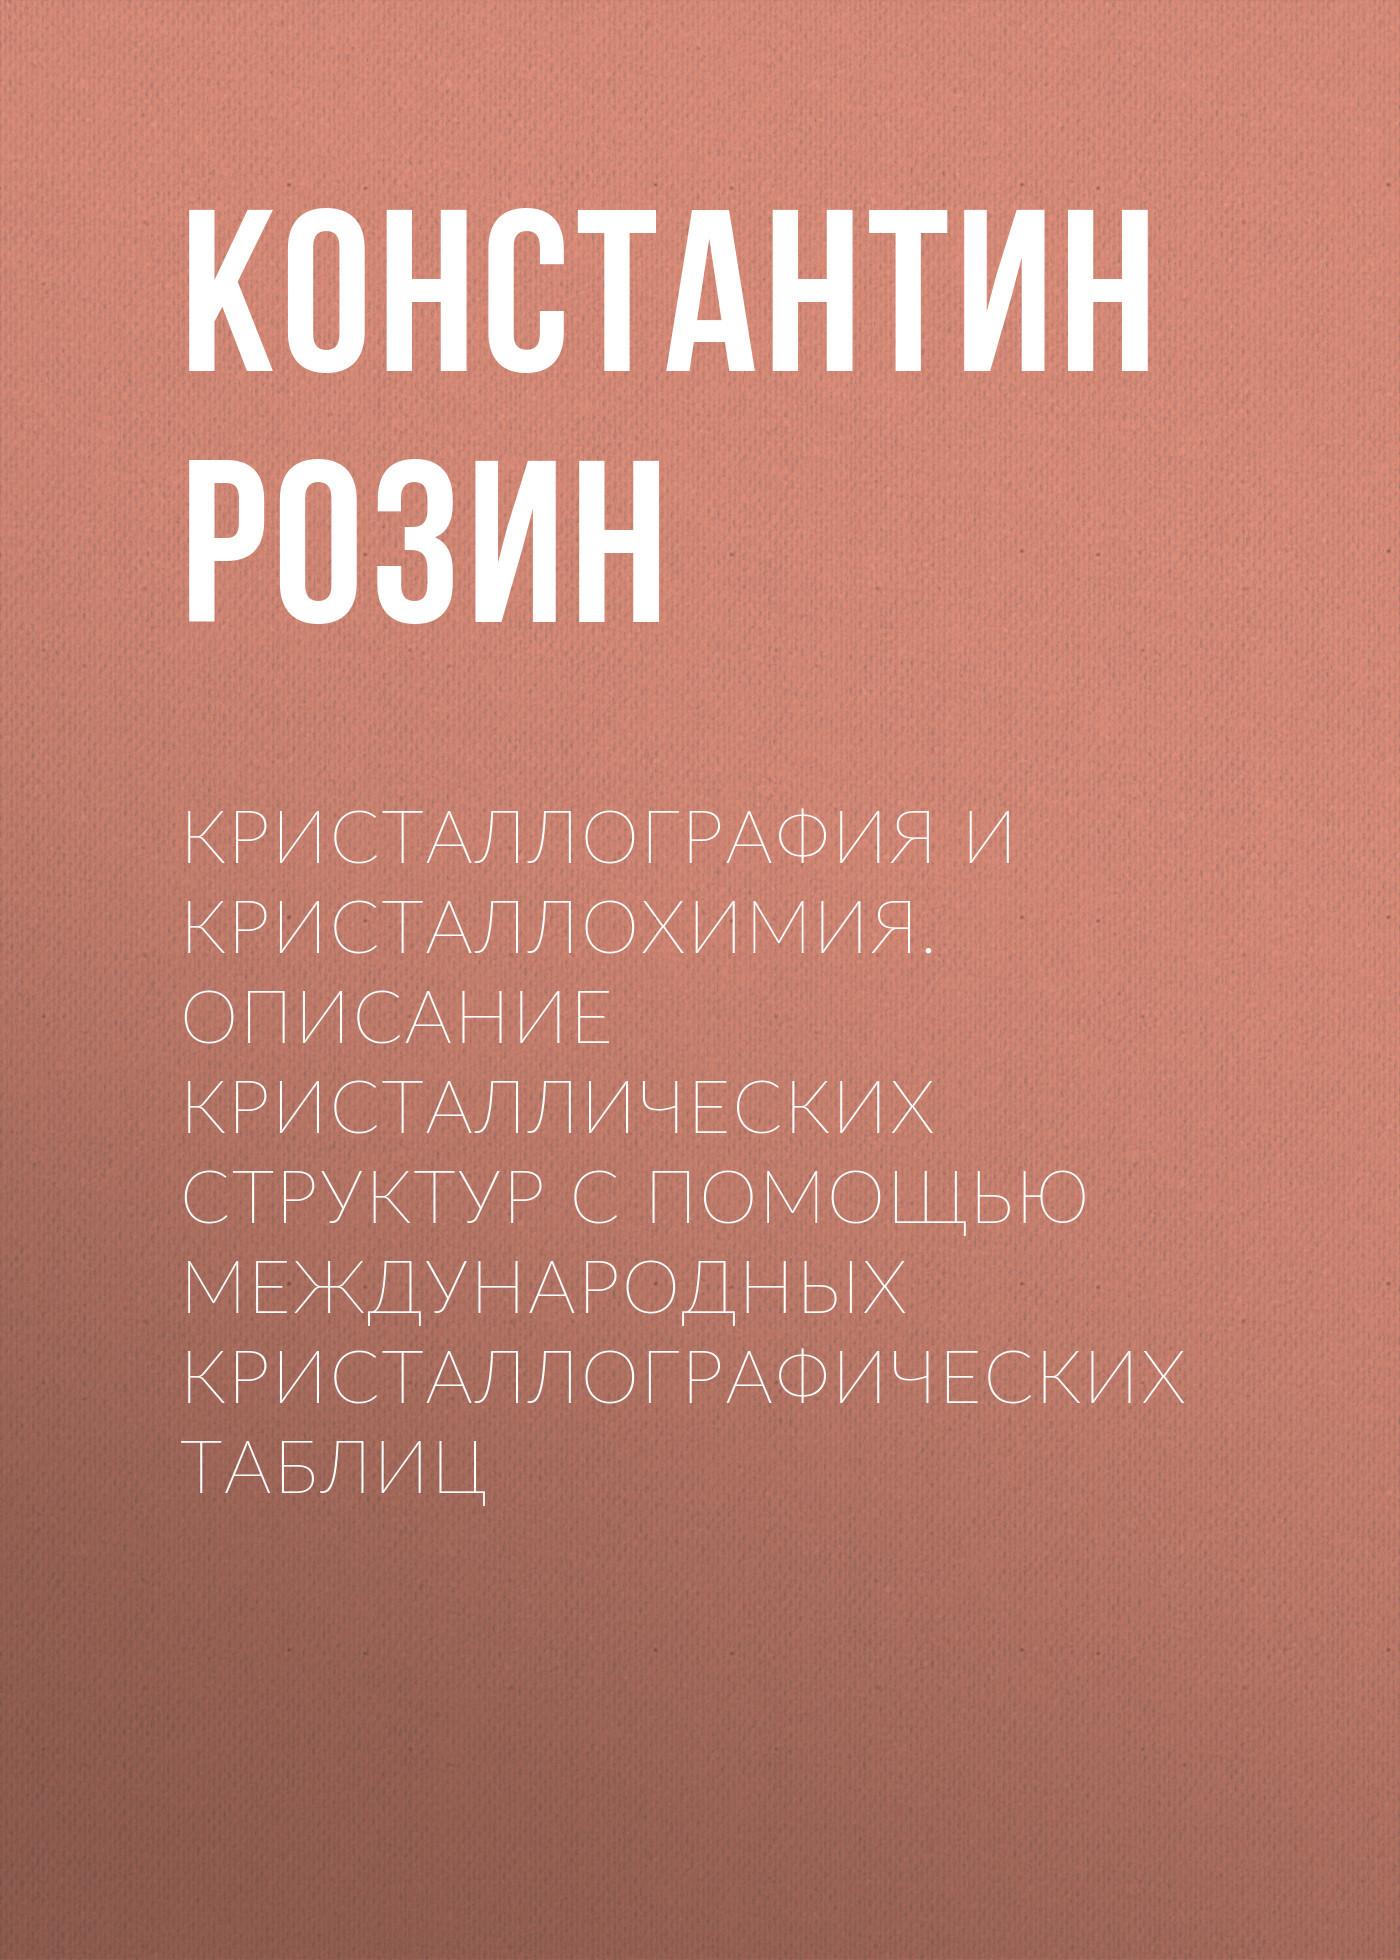 Константин Розин Кристаллография и кристаллохимия. Описание кристаллических структур с помощью Международных Кристаллографических Таблиц сувенир мкт оберег для кошелька лягушка